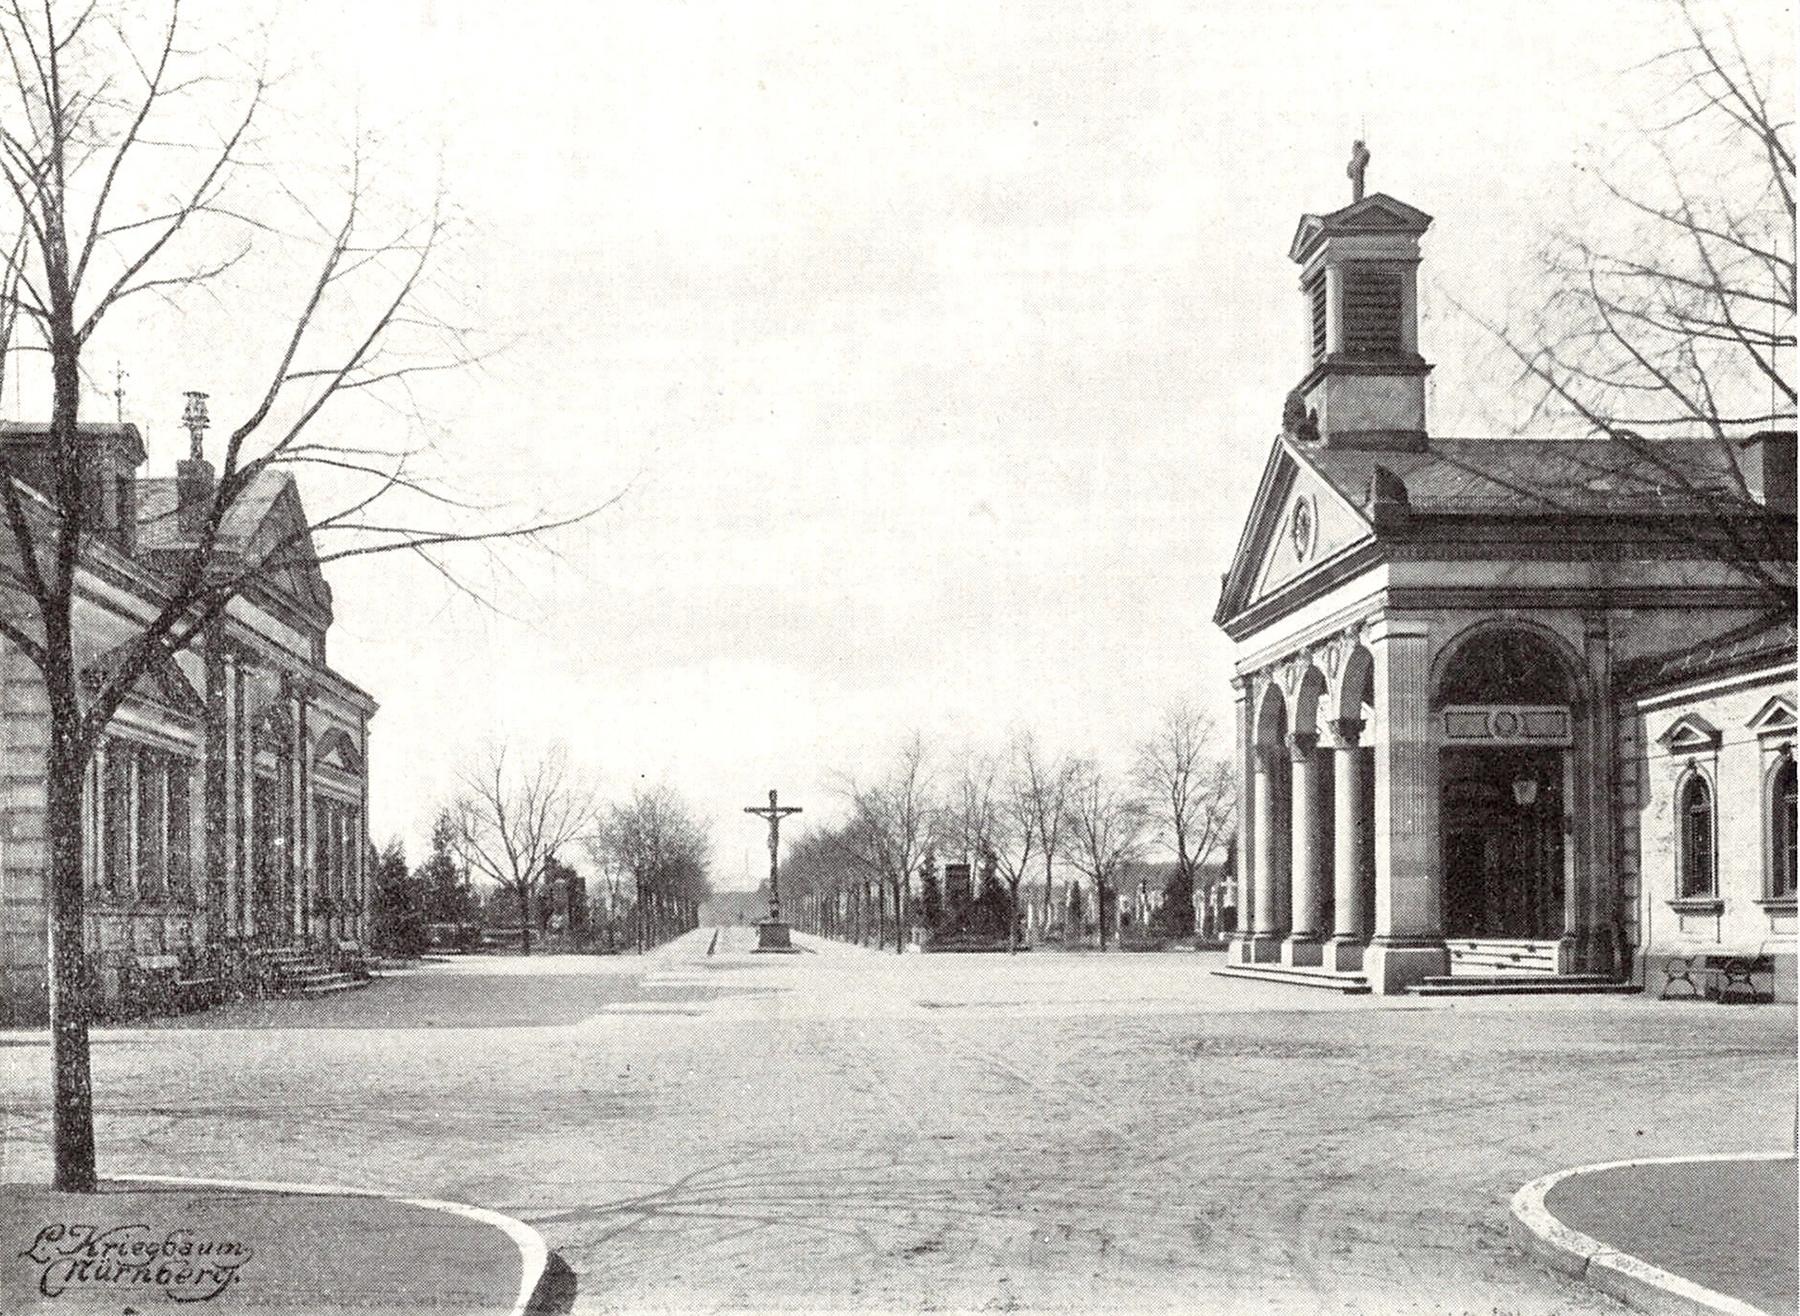 Städtischer Friedhof, Leichen- und Wartehalle, 1907